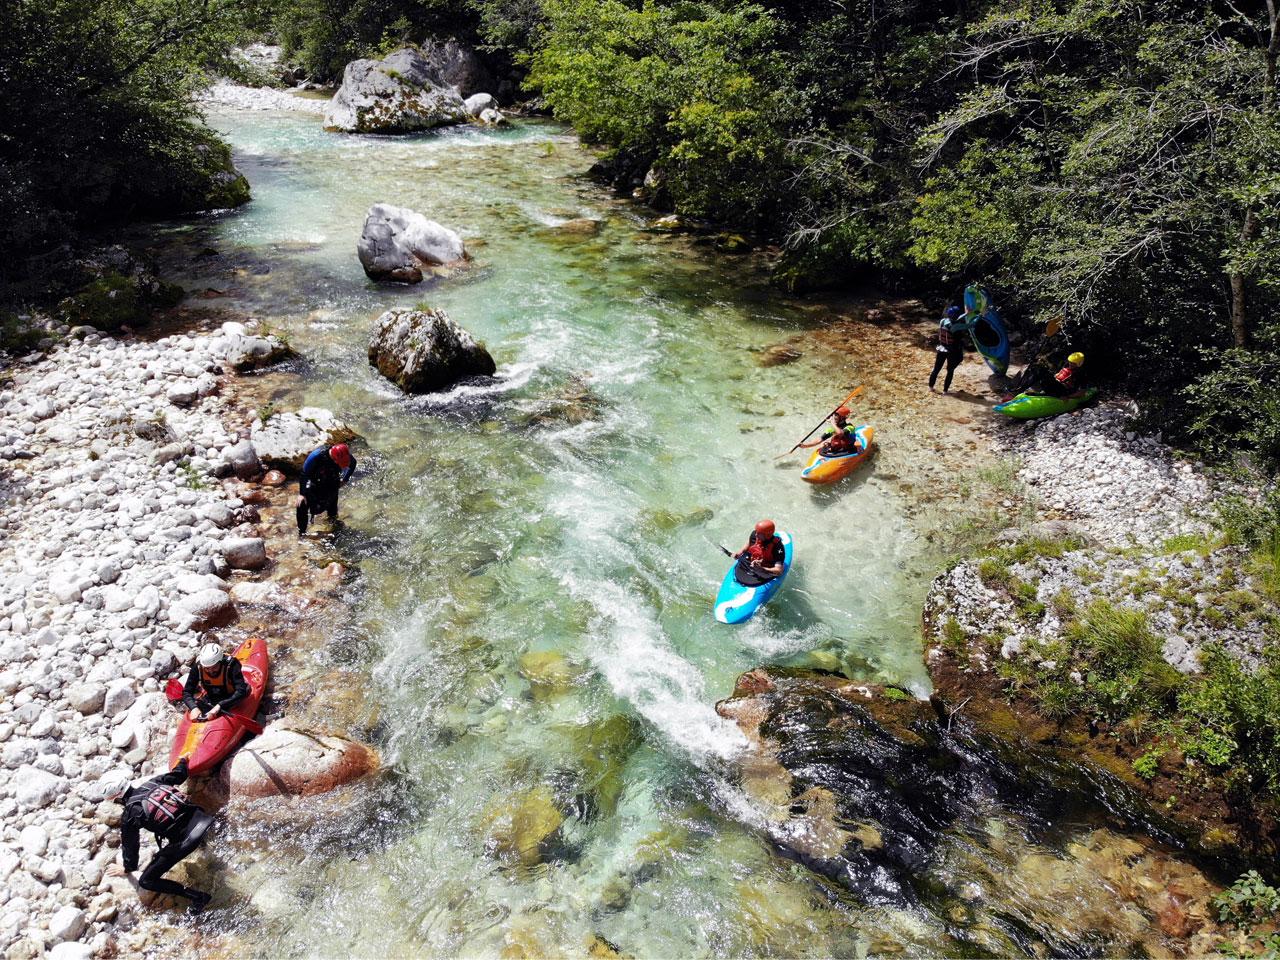 Wildwaterkajakken in Slovenie. Een drone foto van de Soca rivier.